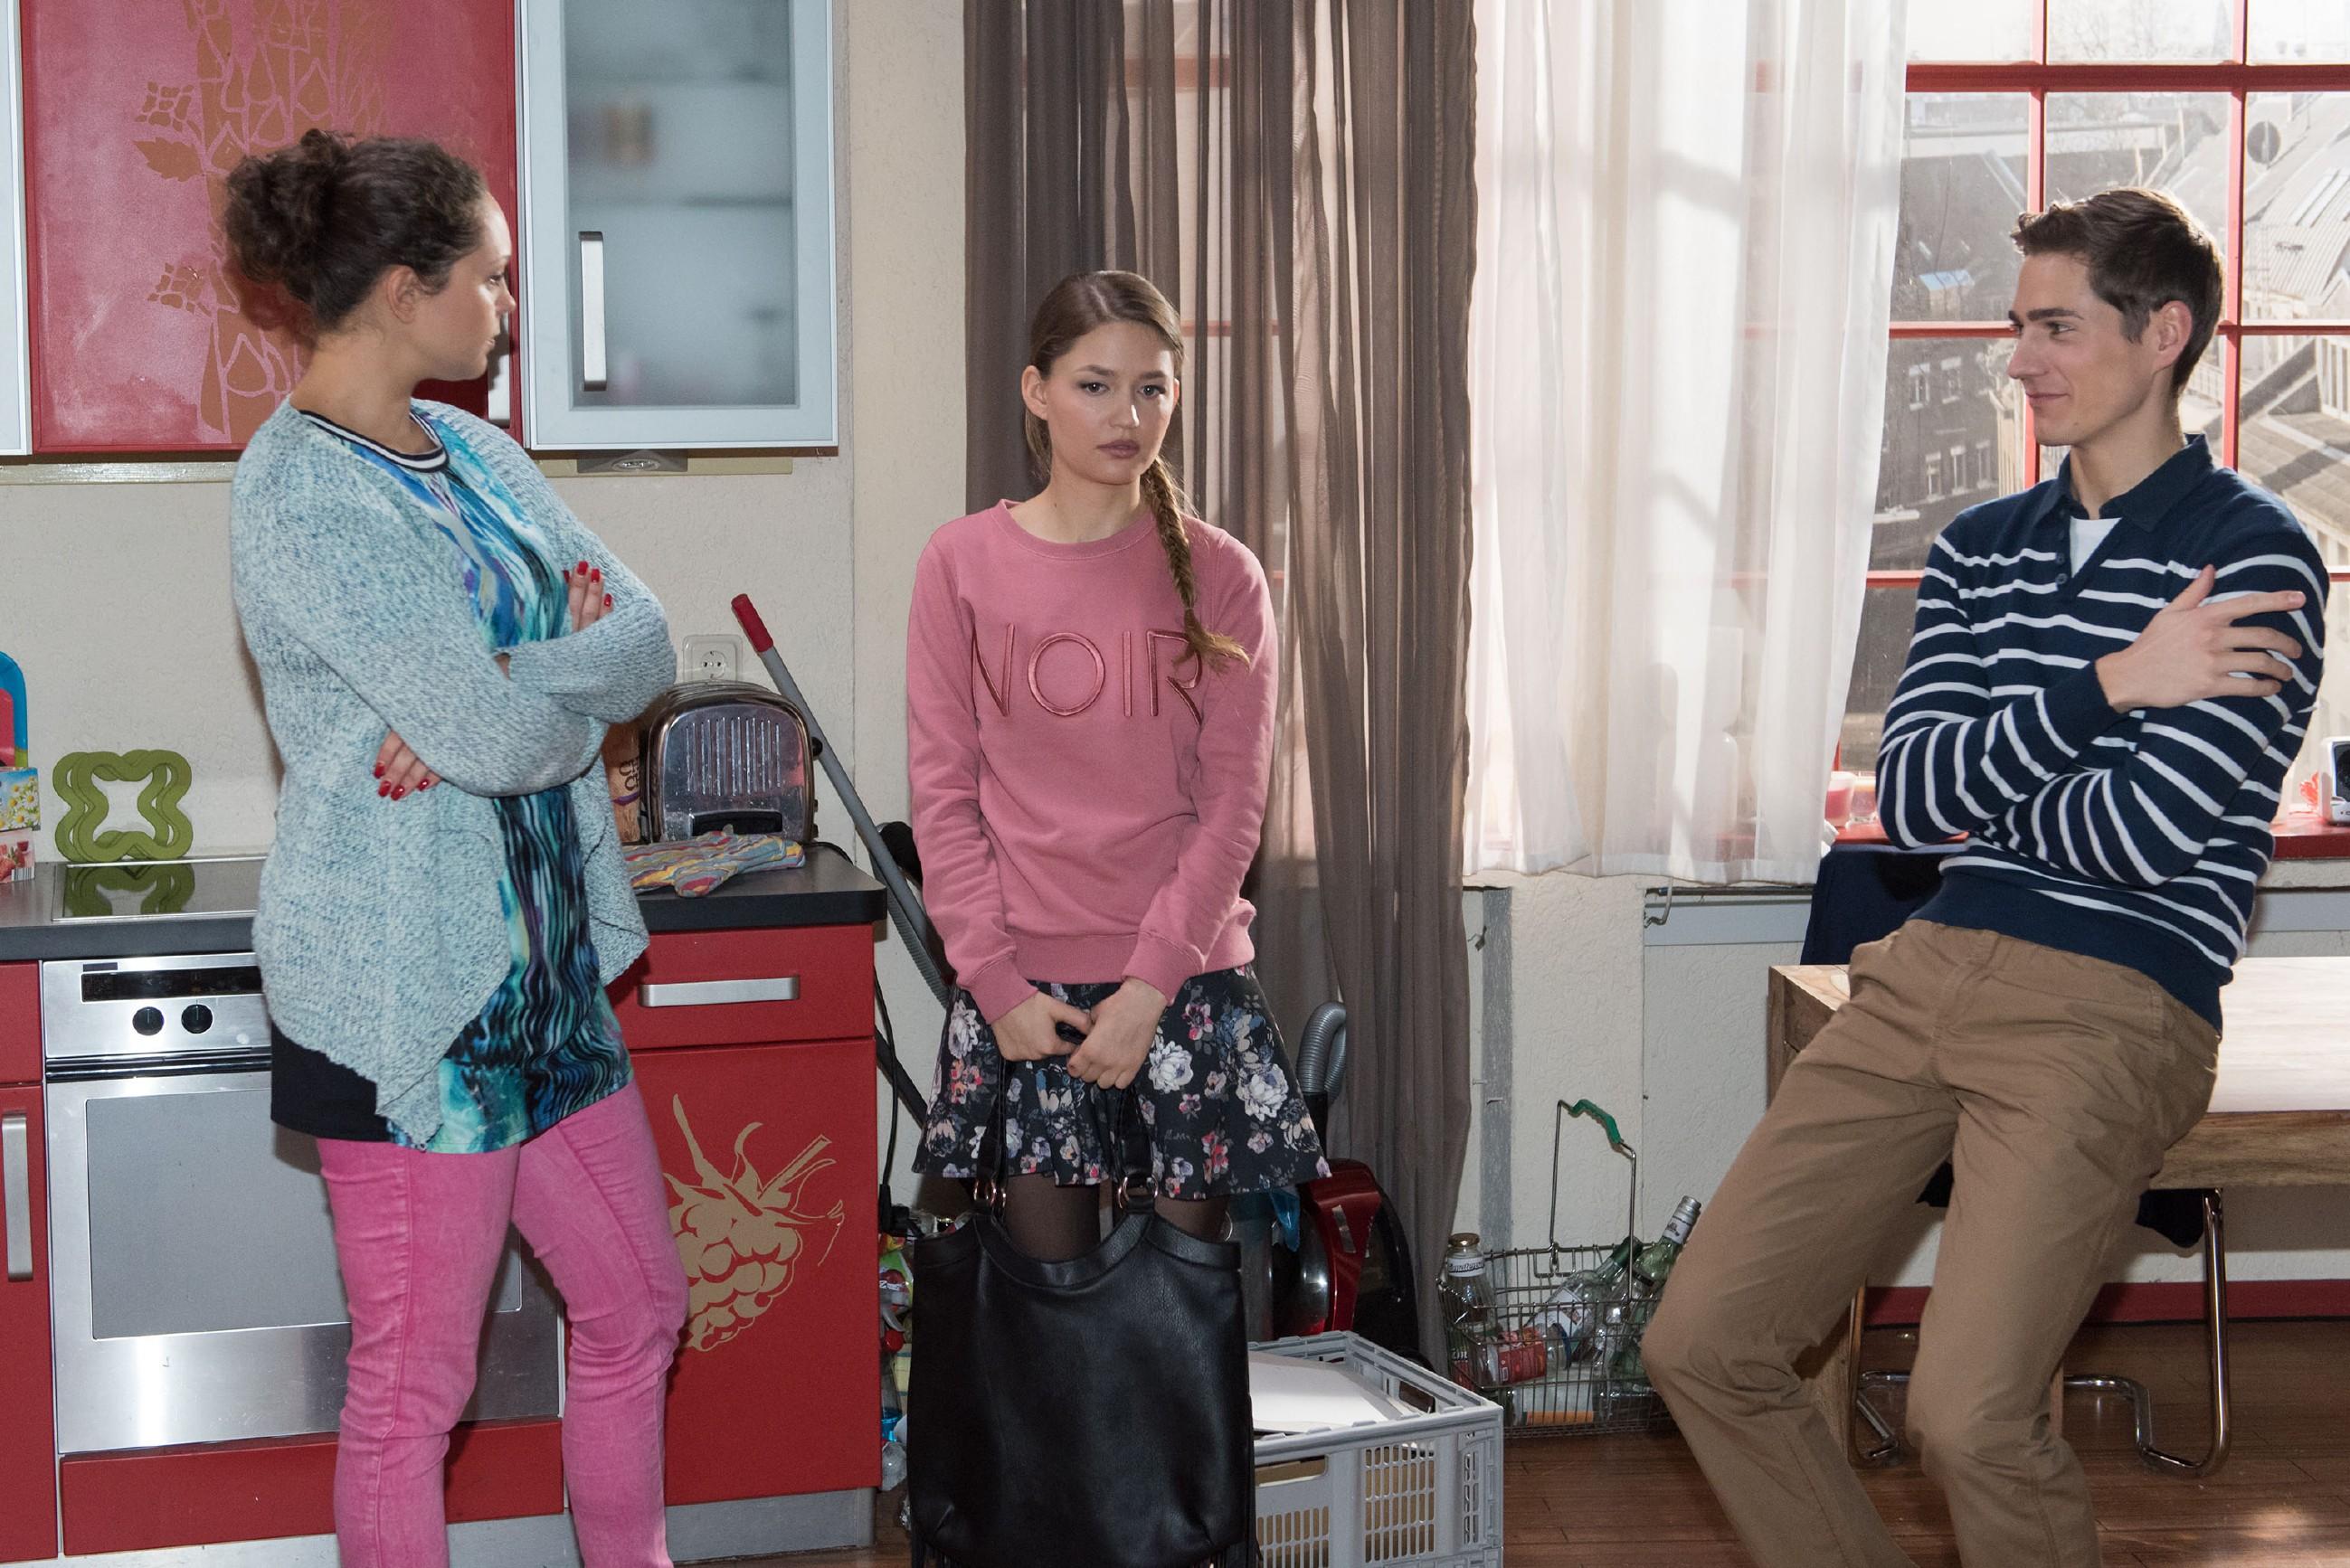 Als Caro (Ines Kurenbach, l.) vor Ringo (Timothy Boldt) ausplaudert, dass Jule (Amrei Haardt) ständig den familiären Kühlschrank plündert, um dem WG-Einkauf zu entkommen, könnte Jule im Erdboden versinken. (Quelle: RTL / Stefan Behrens)